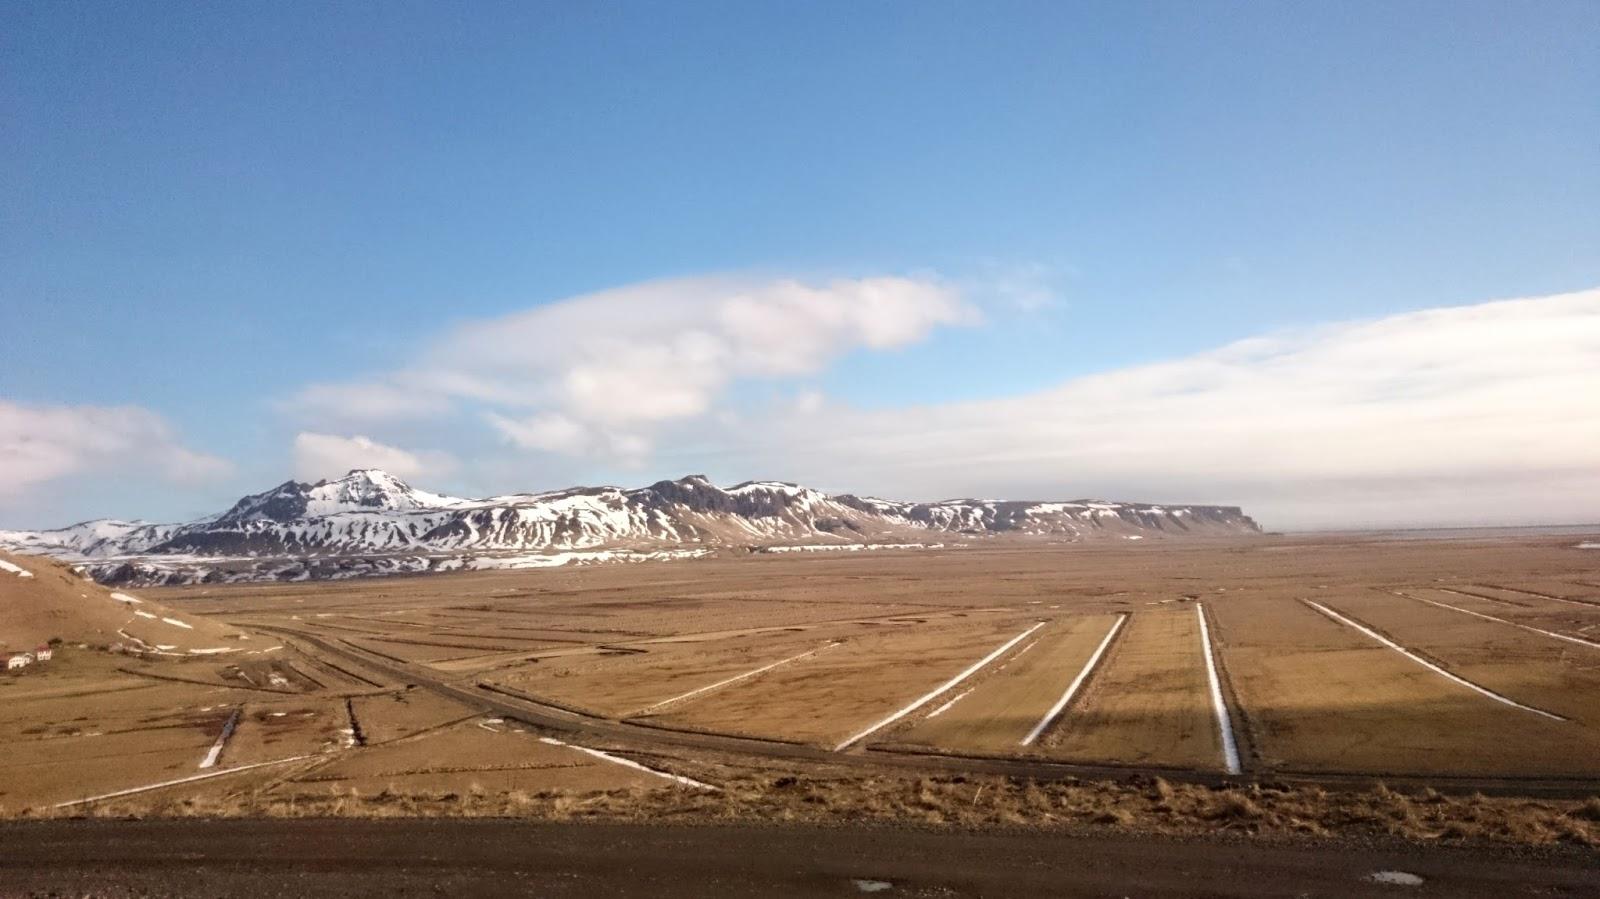 islandzki krajobraz, Islandia, Islandia wiosną, wiosna w Islandii